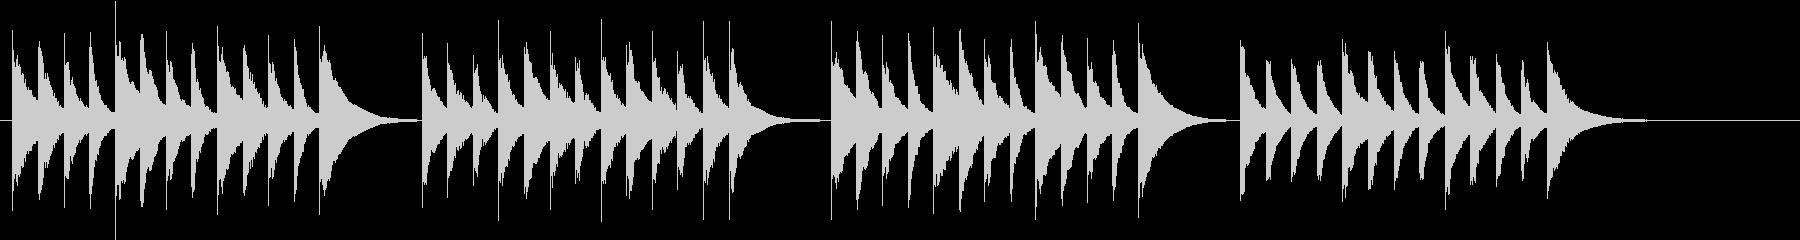 木琴の音色で作った軽快で明るい曲の未再生の波形